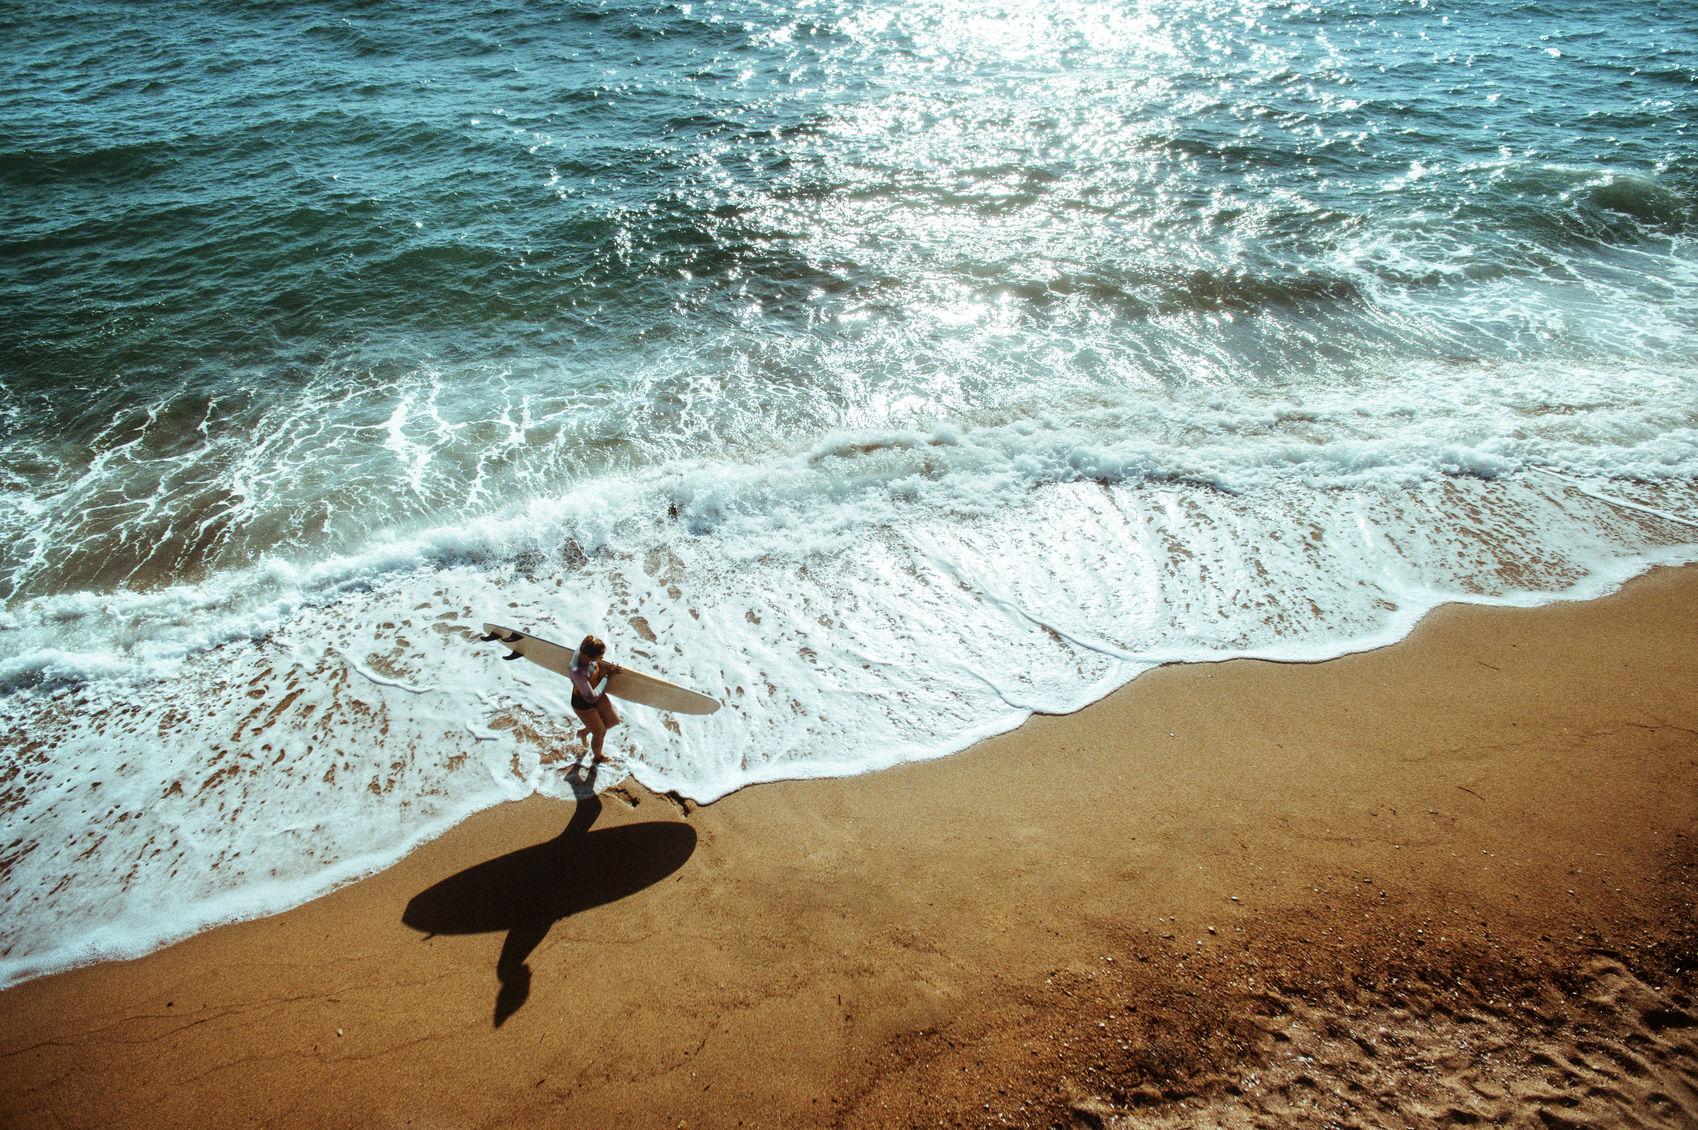 ビーチに行くと得られる「3つのメリット」。心と体とマインドに好影響!